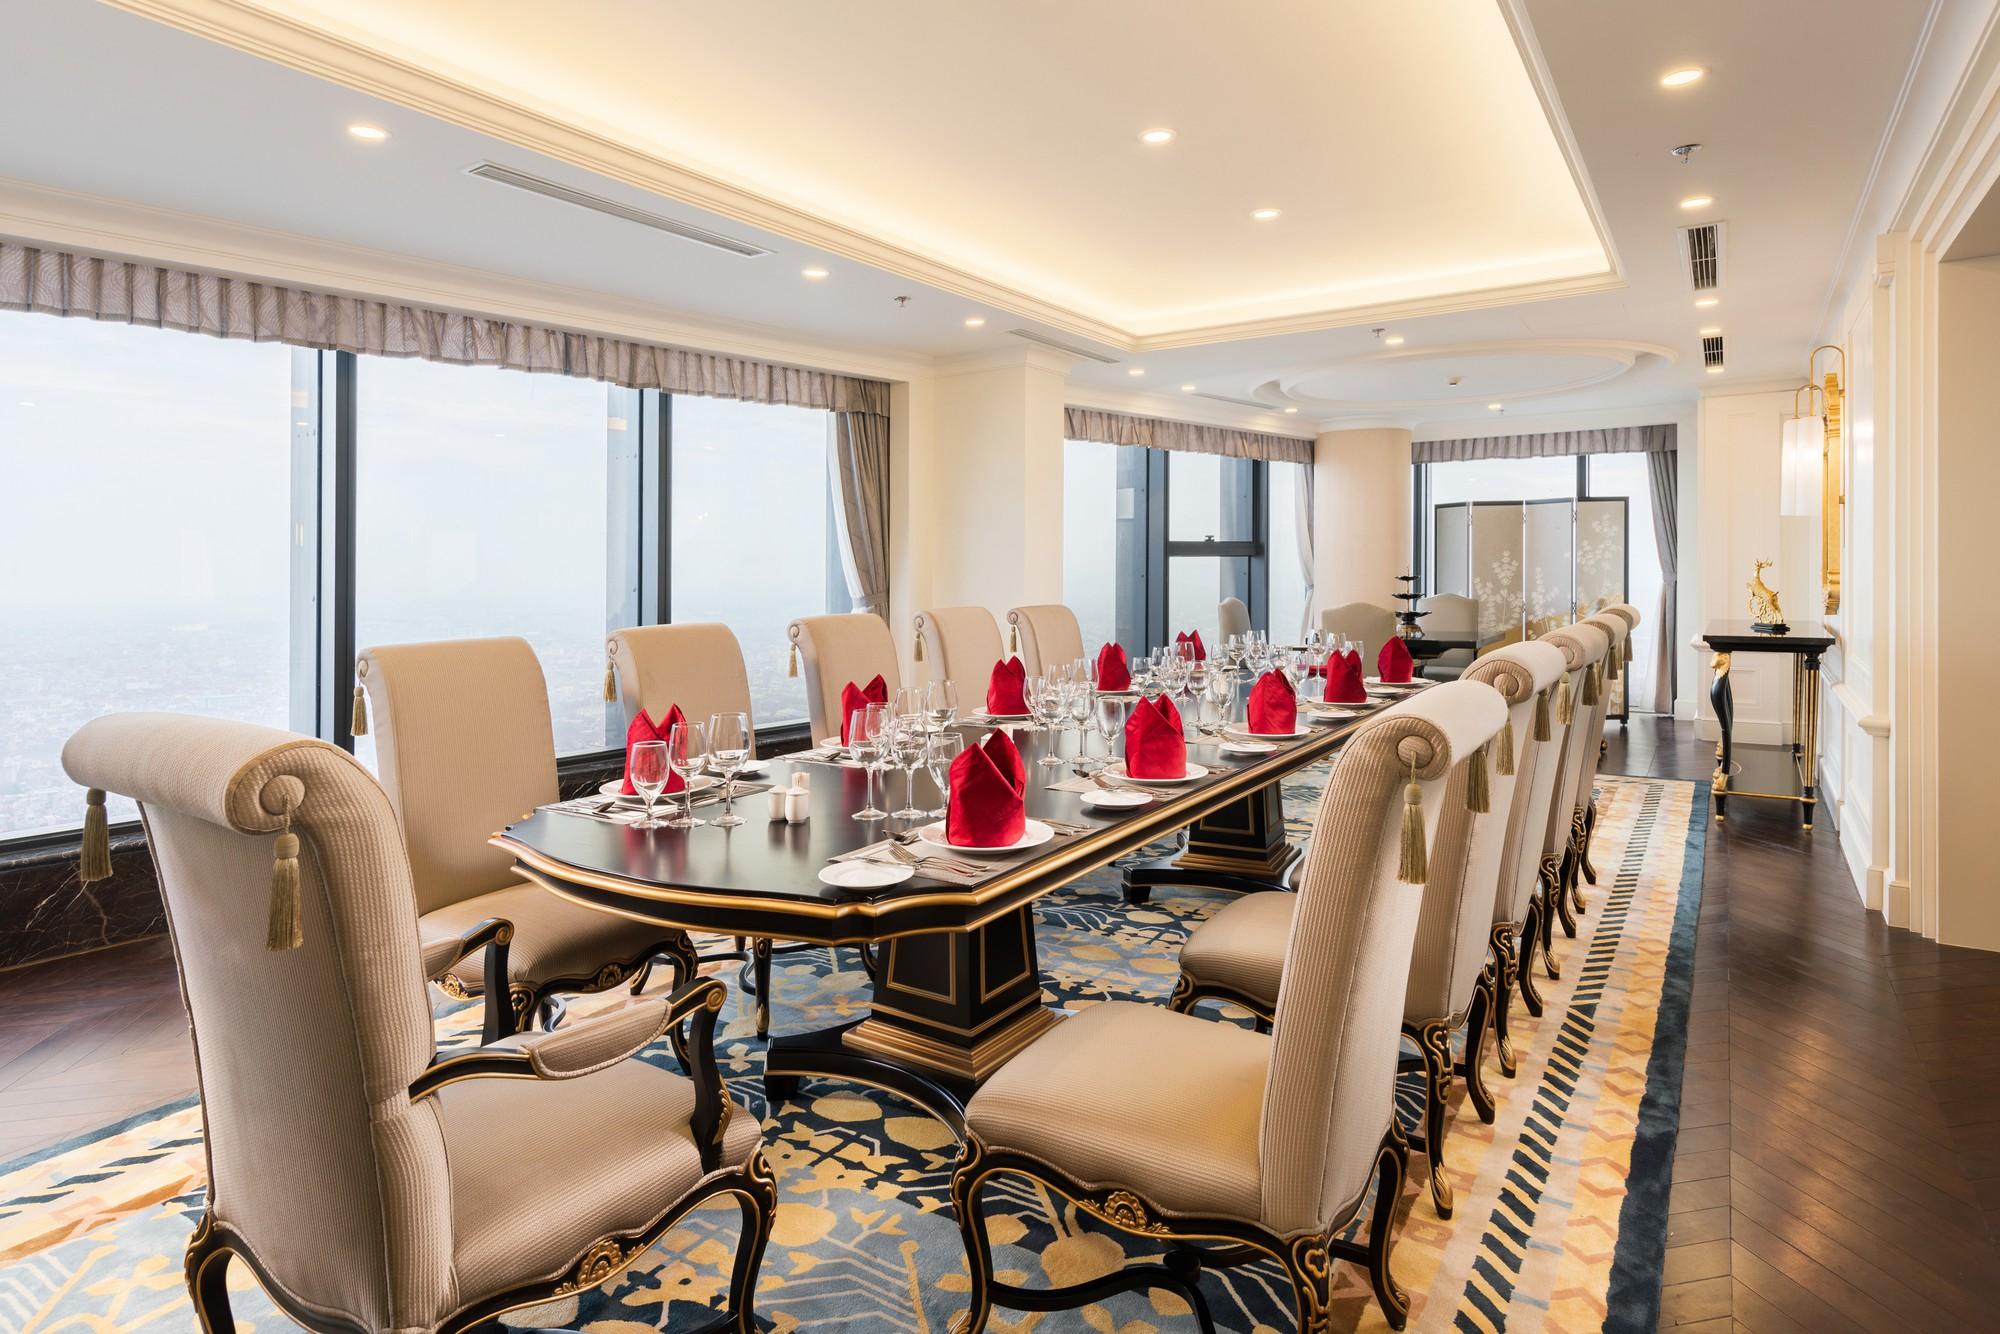 Bánh đa cua - đặc sản bình dân Hải Phòng lên bàn tiệc 5 sao tiếp đón phái đoàn Triều Tiên - Ảnh 8.